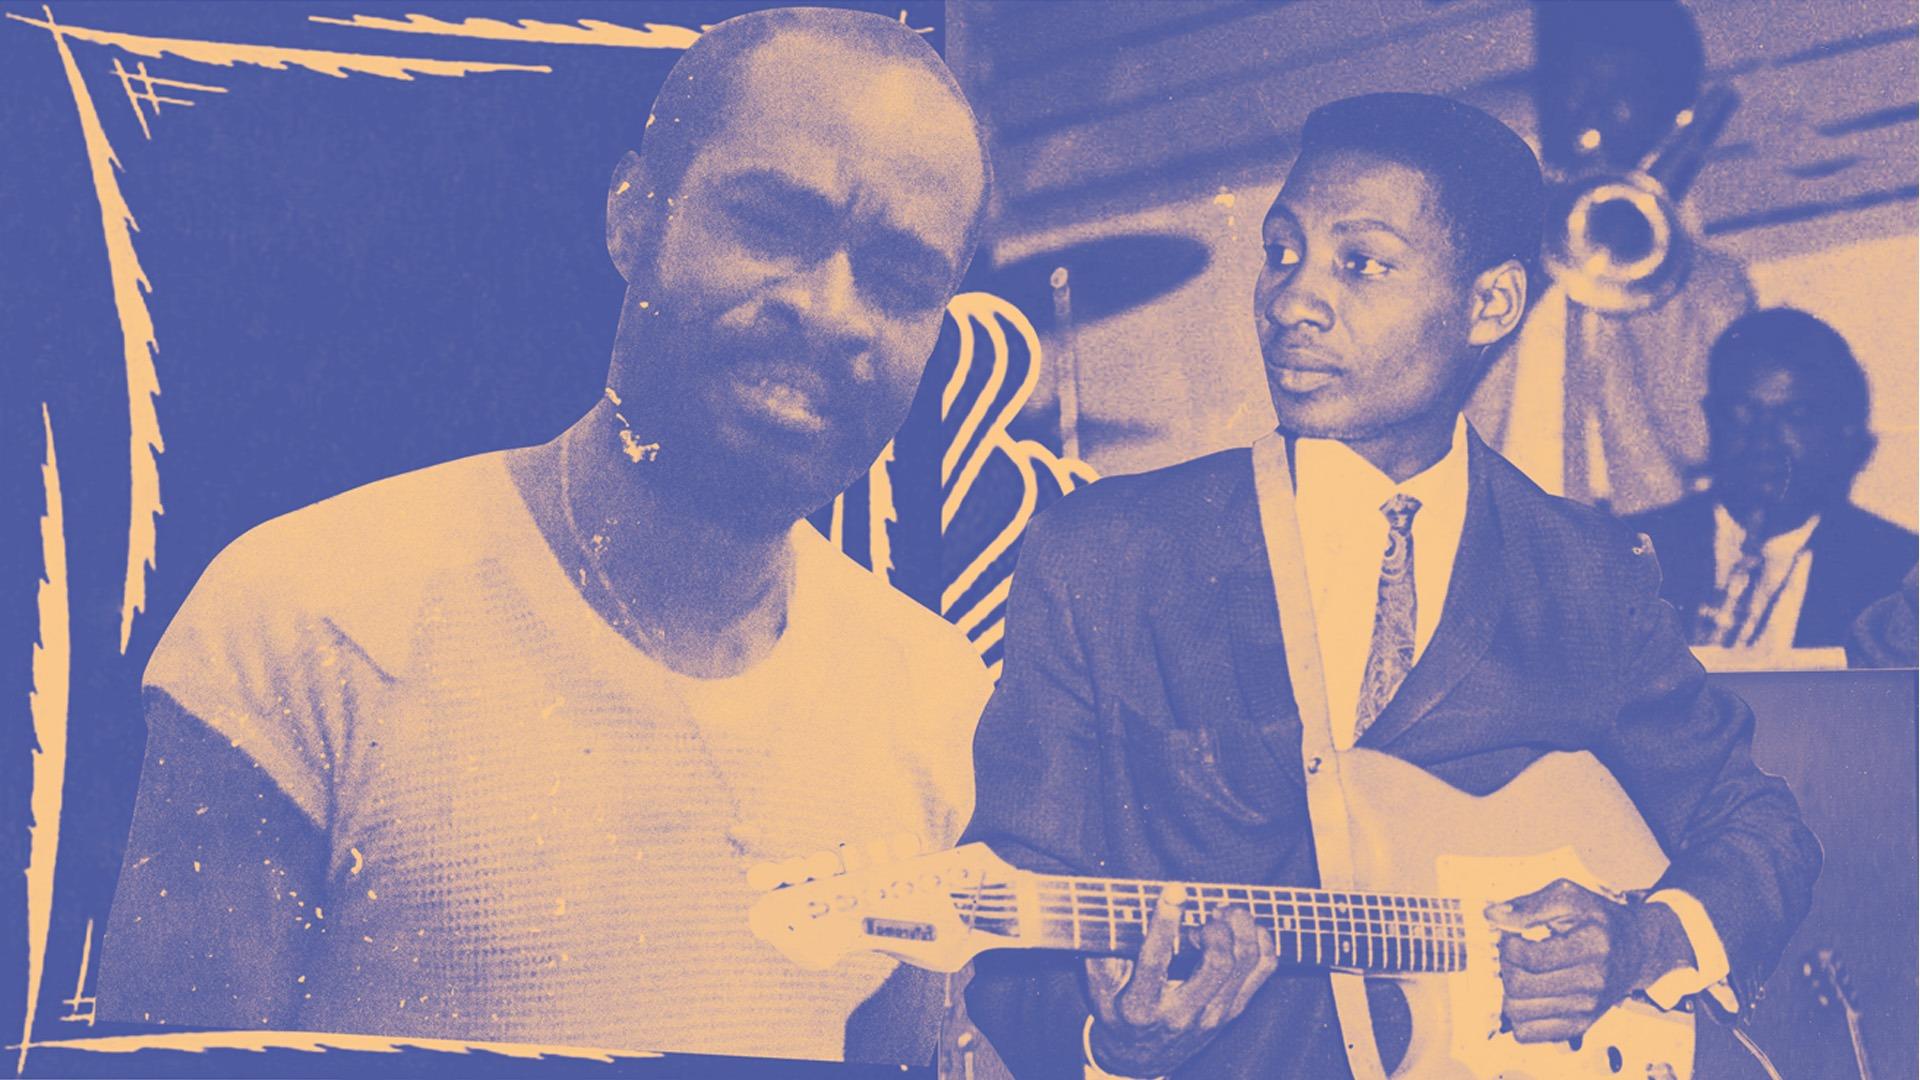 Ebo Taylor & Pat Thomas  <br/>Disco Highlife Re-edit